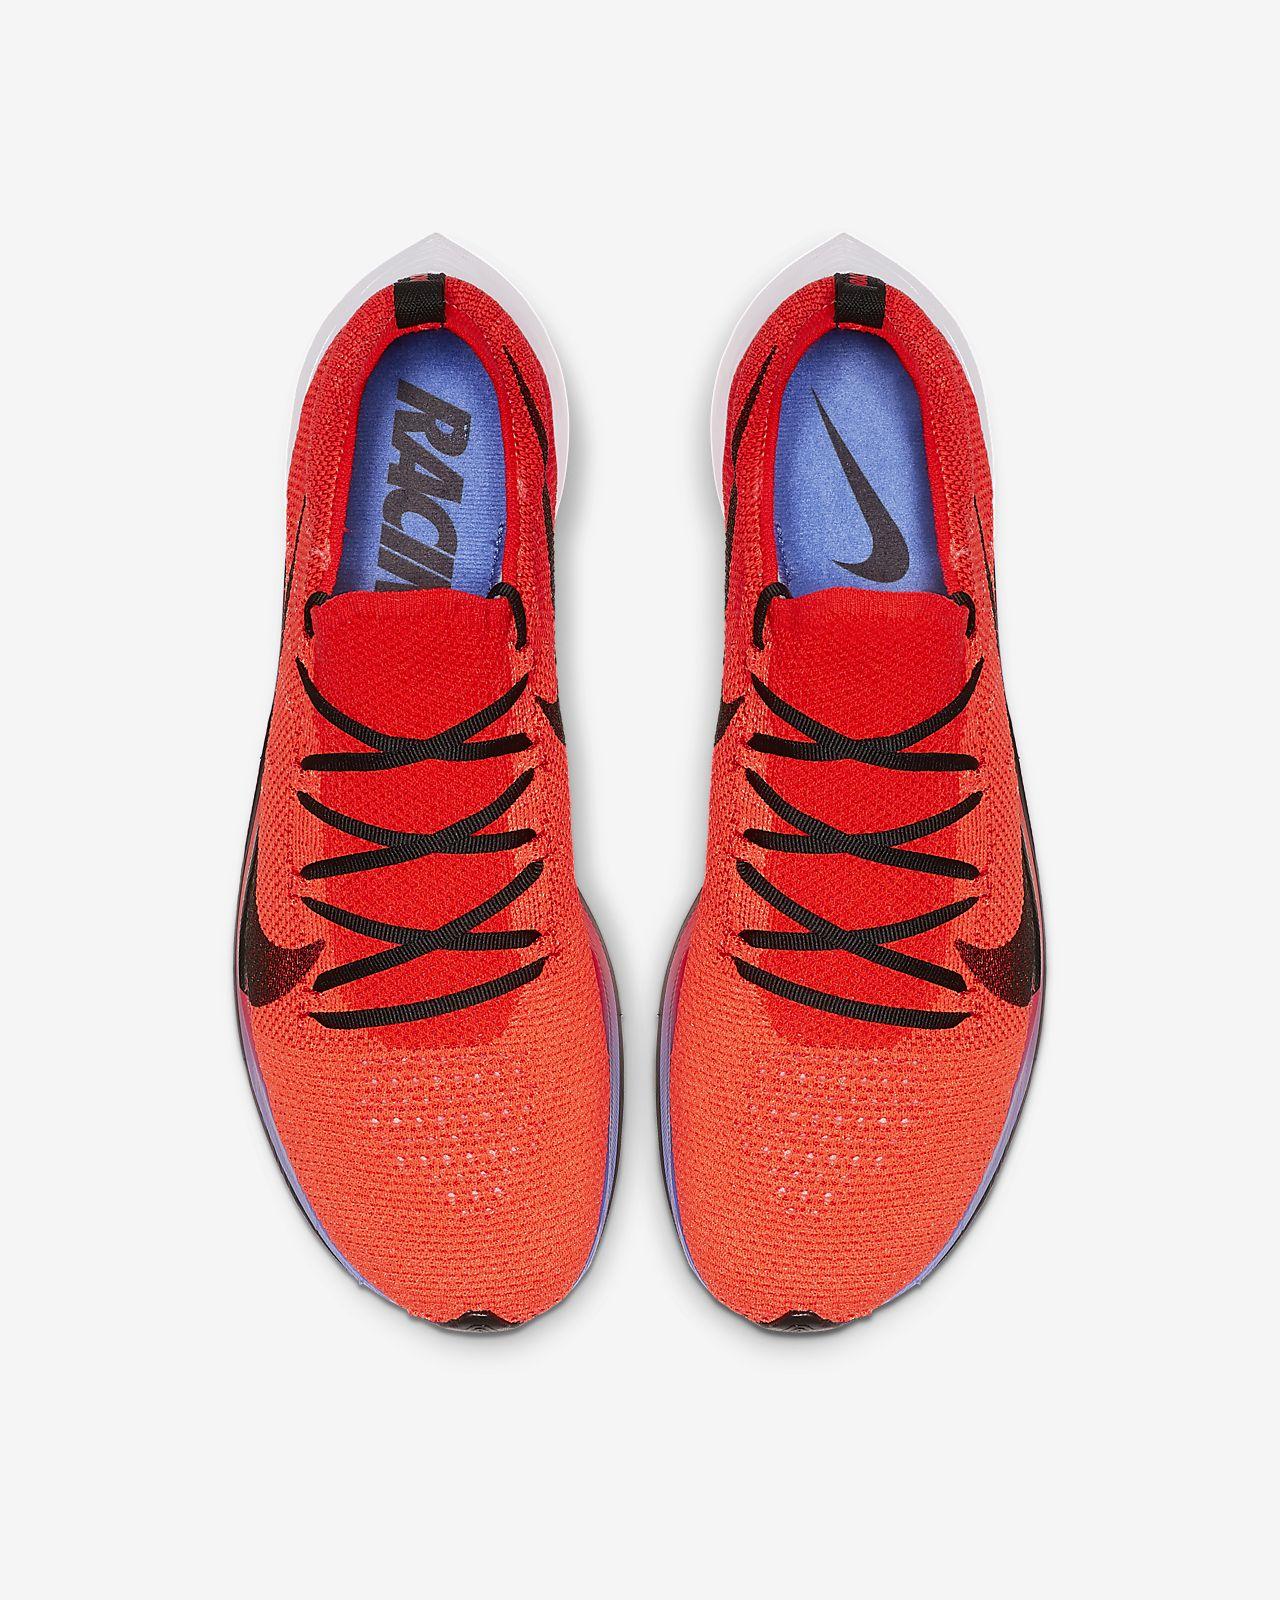 7911287f4e96 Nike Vaporfly 4% Flyknit Running Shoe. Nike.com GB